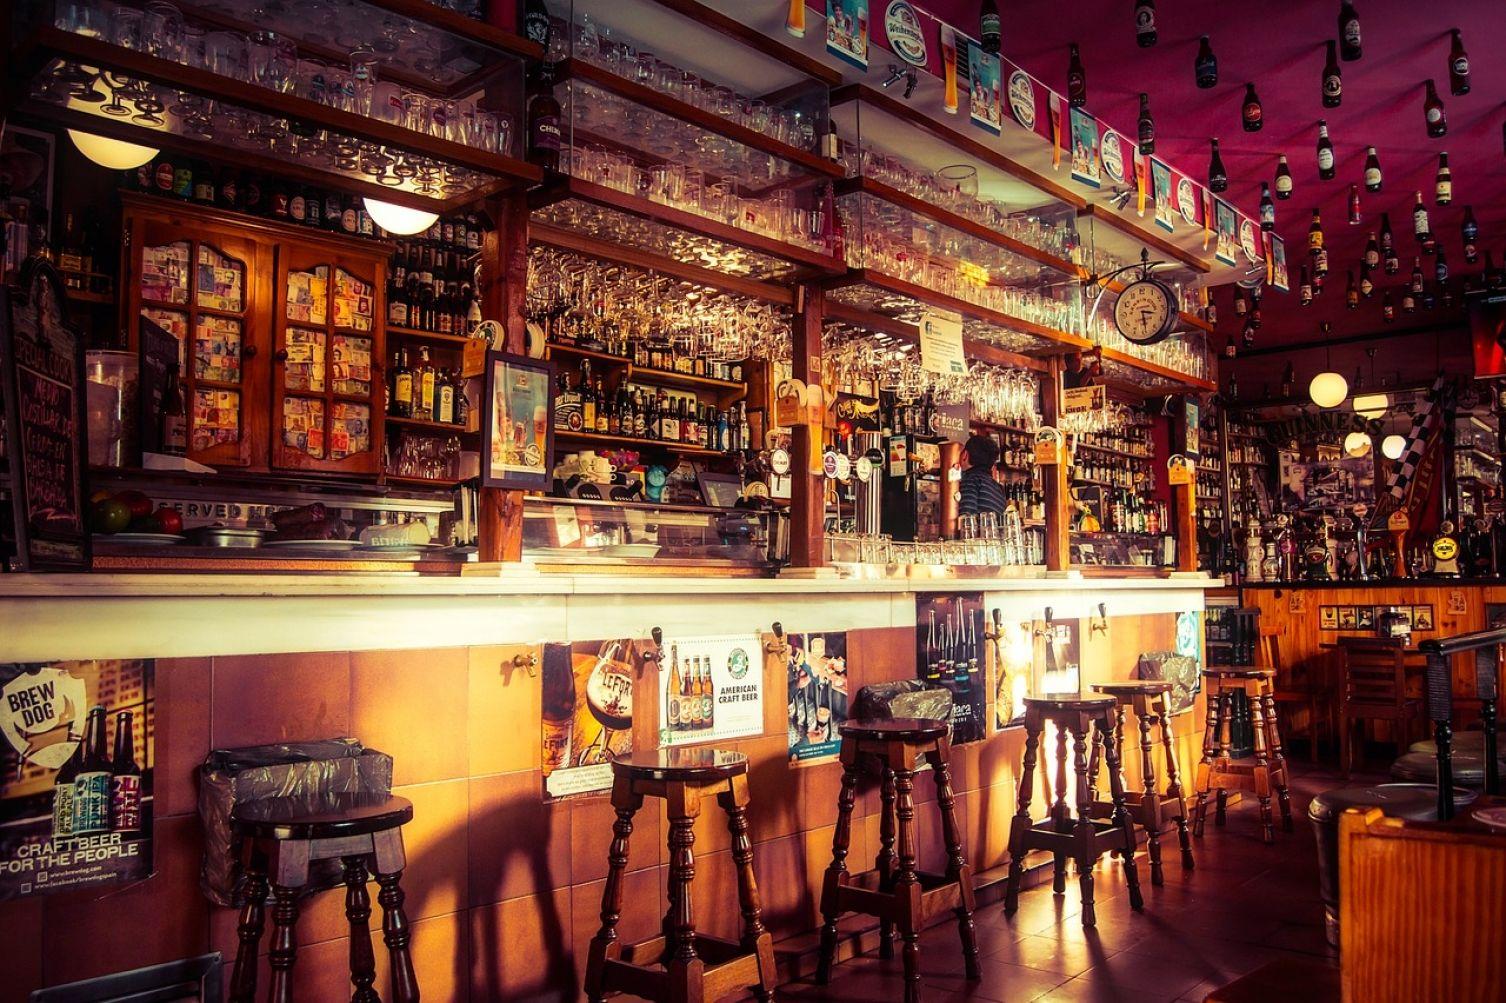 bar-beau-choix-bar-2209813_1280.jpg